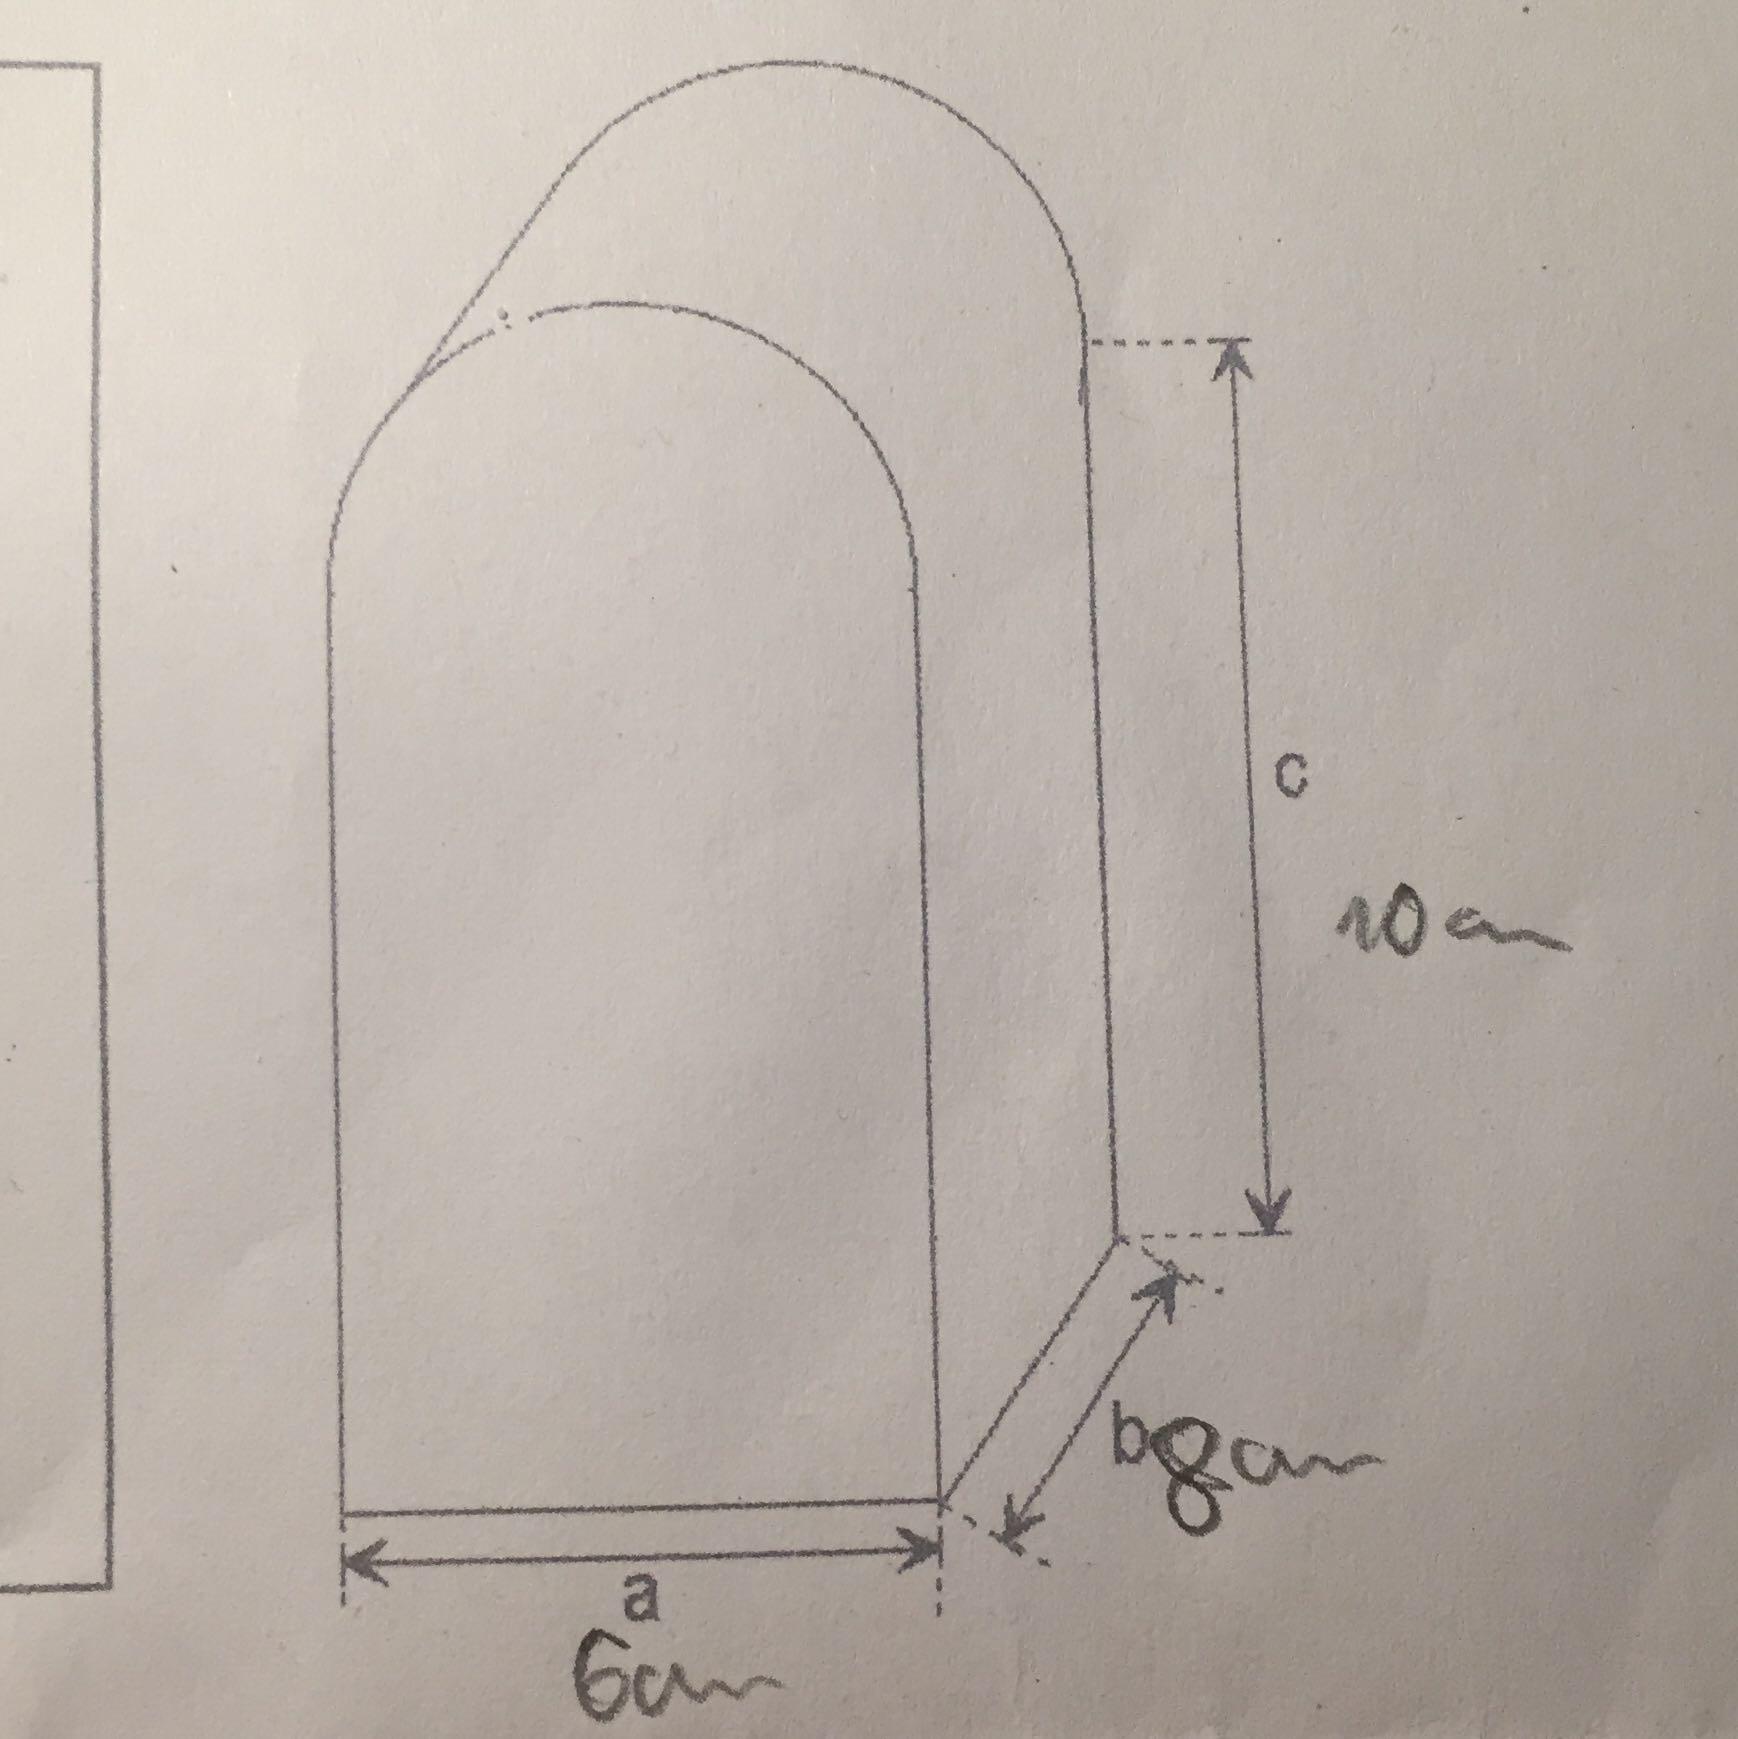 wie berechne ich diese geometrieaufgabe mit komischen k rper mathematik geometrie. Black Bedroom Furniture Sets. Home Design Ideas